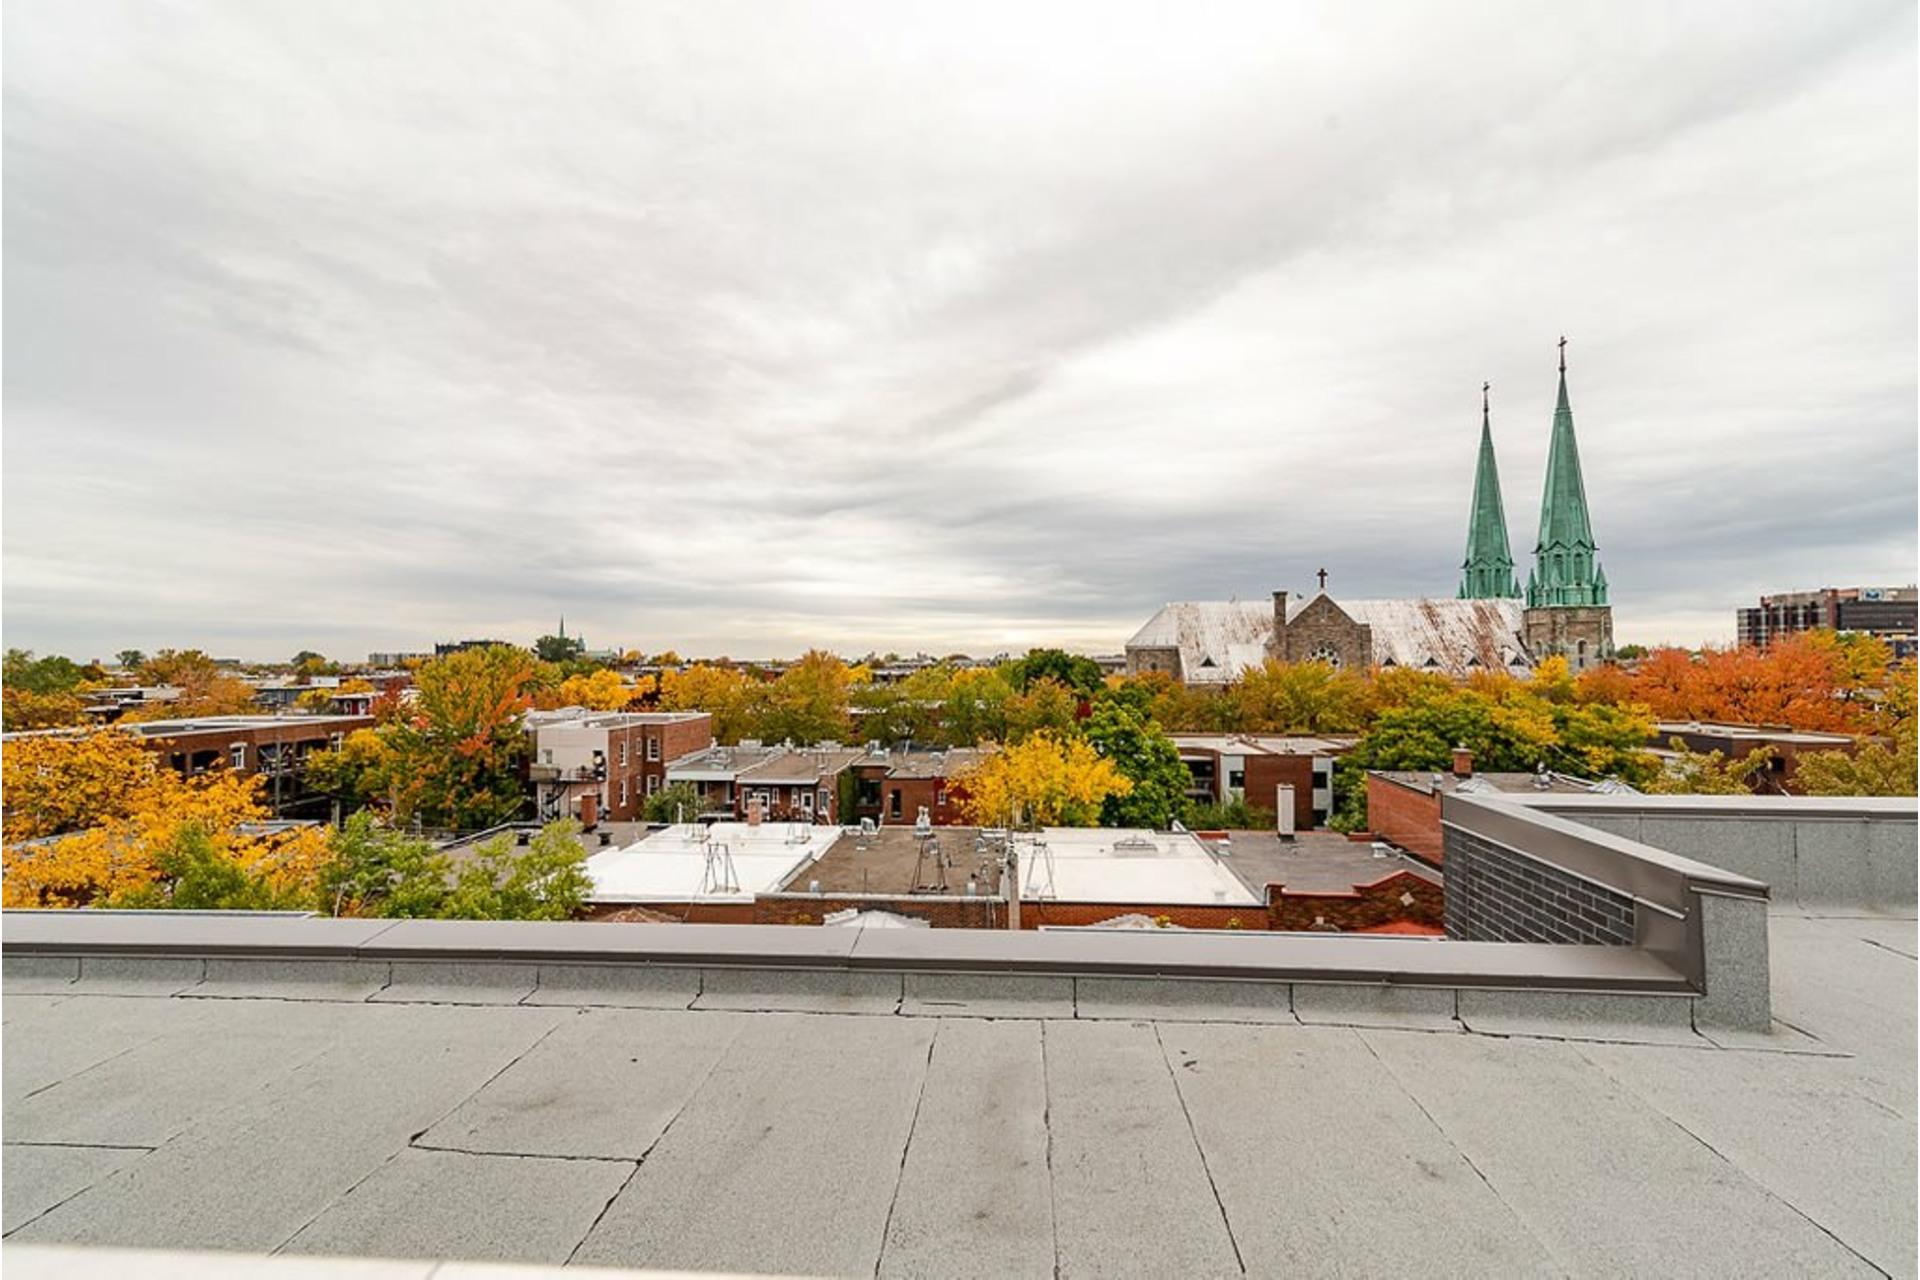 image 31 - Appartement À vendre Villeray/Saint-Michel/Parc-Extension Montréal  - 6 pièces